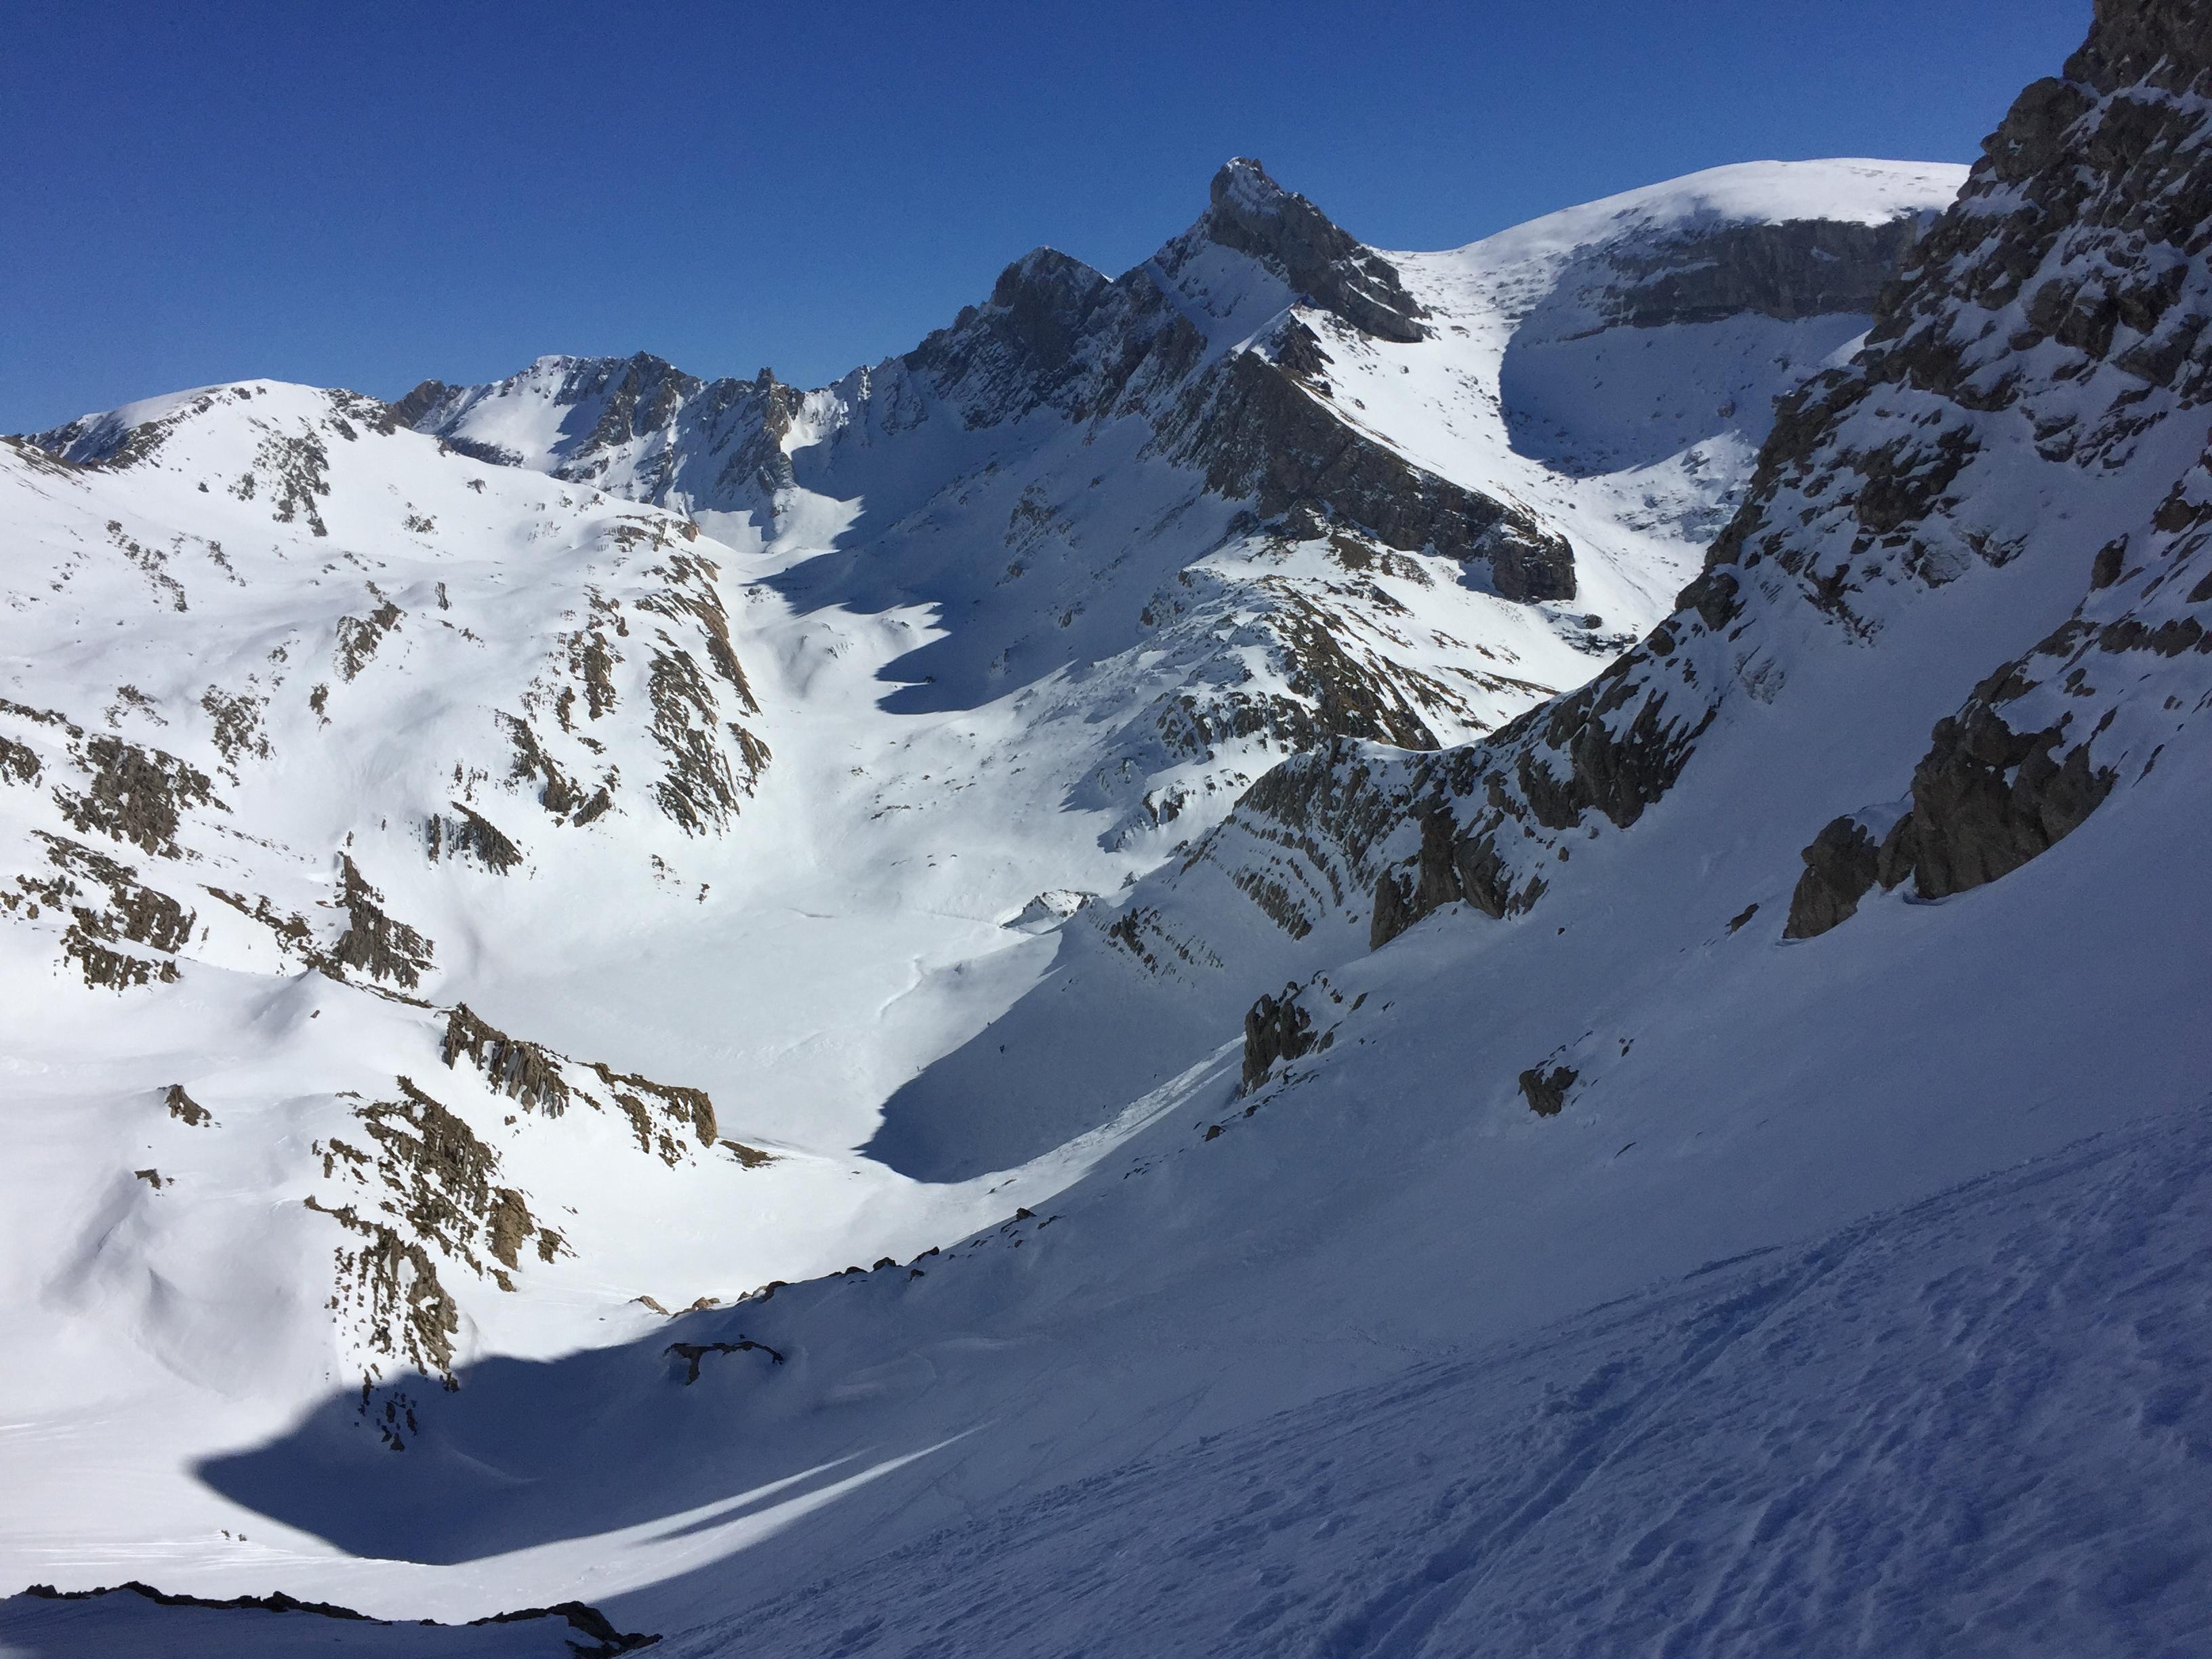 Vistazo atrás, desde la subida al Bisaurín. Vemos abajo la plana misereas y de frente el suave valle por el que bajamos esquiando con pieles